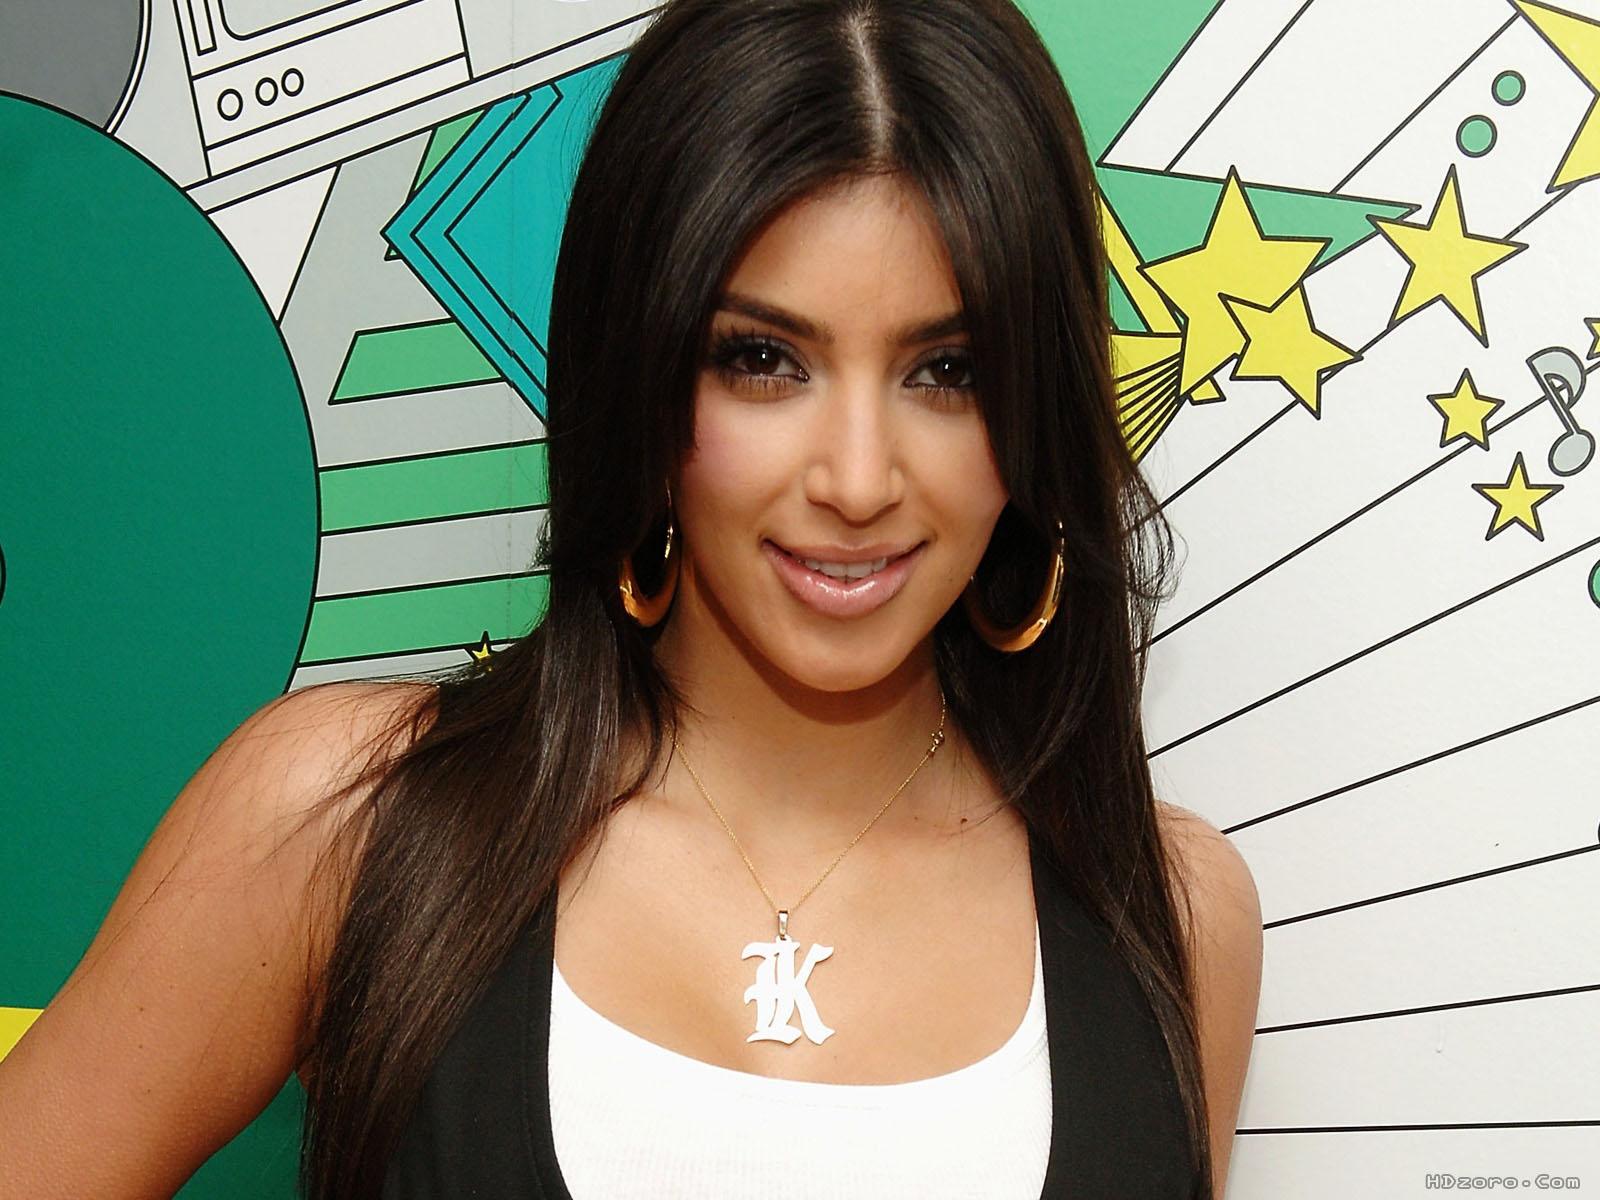 http://4.bp.blogspot.com/-Hcd6h8WQwzs/UWajLznpSXI/AAAAAAAASfk/8Ekxa_0CWkQ/s1600/kim+kardashian+11.jpg